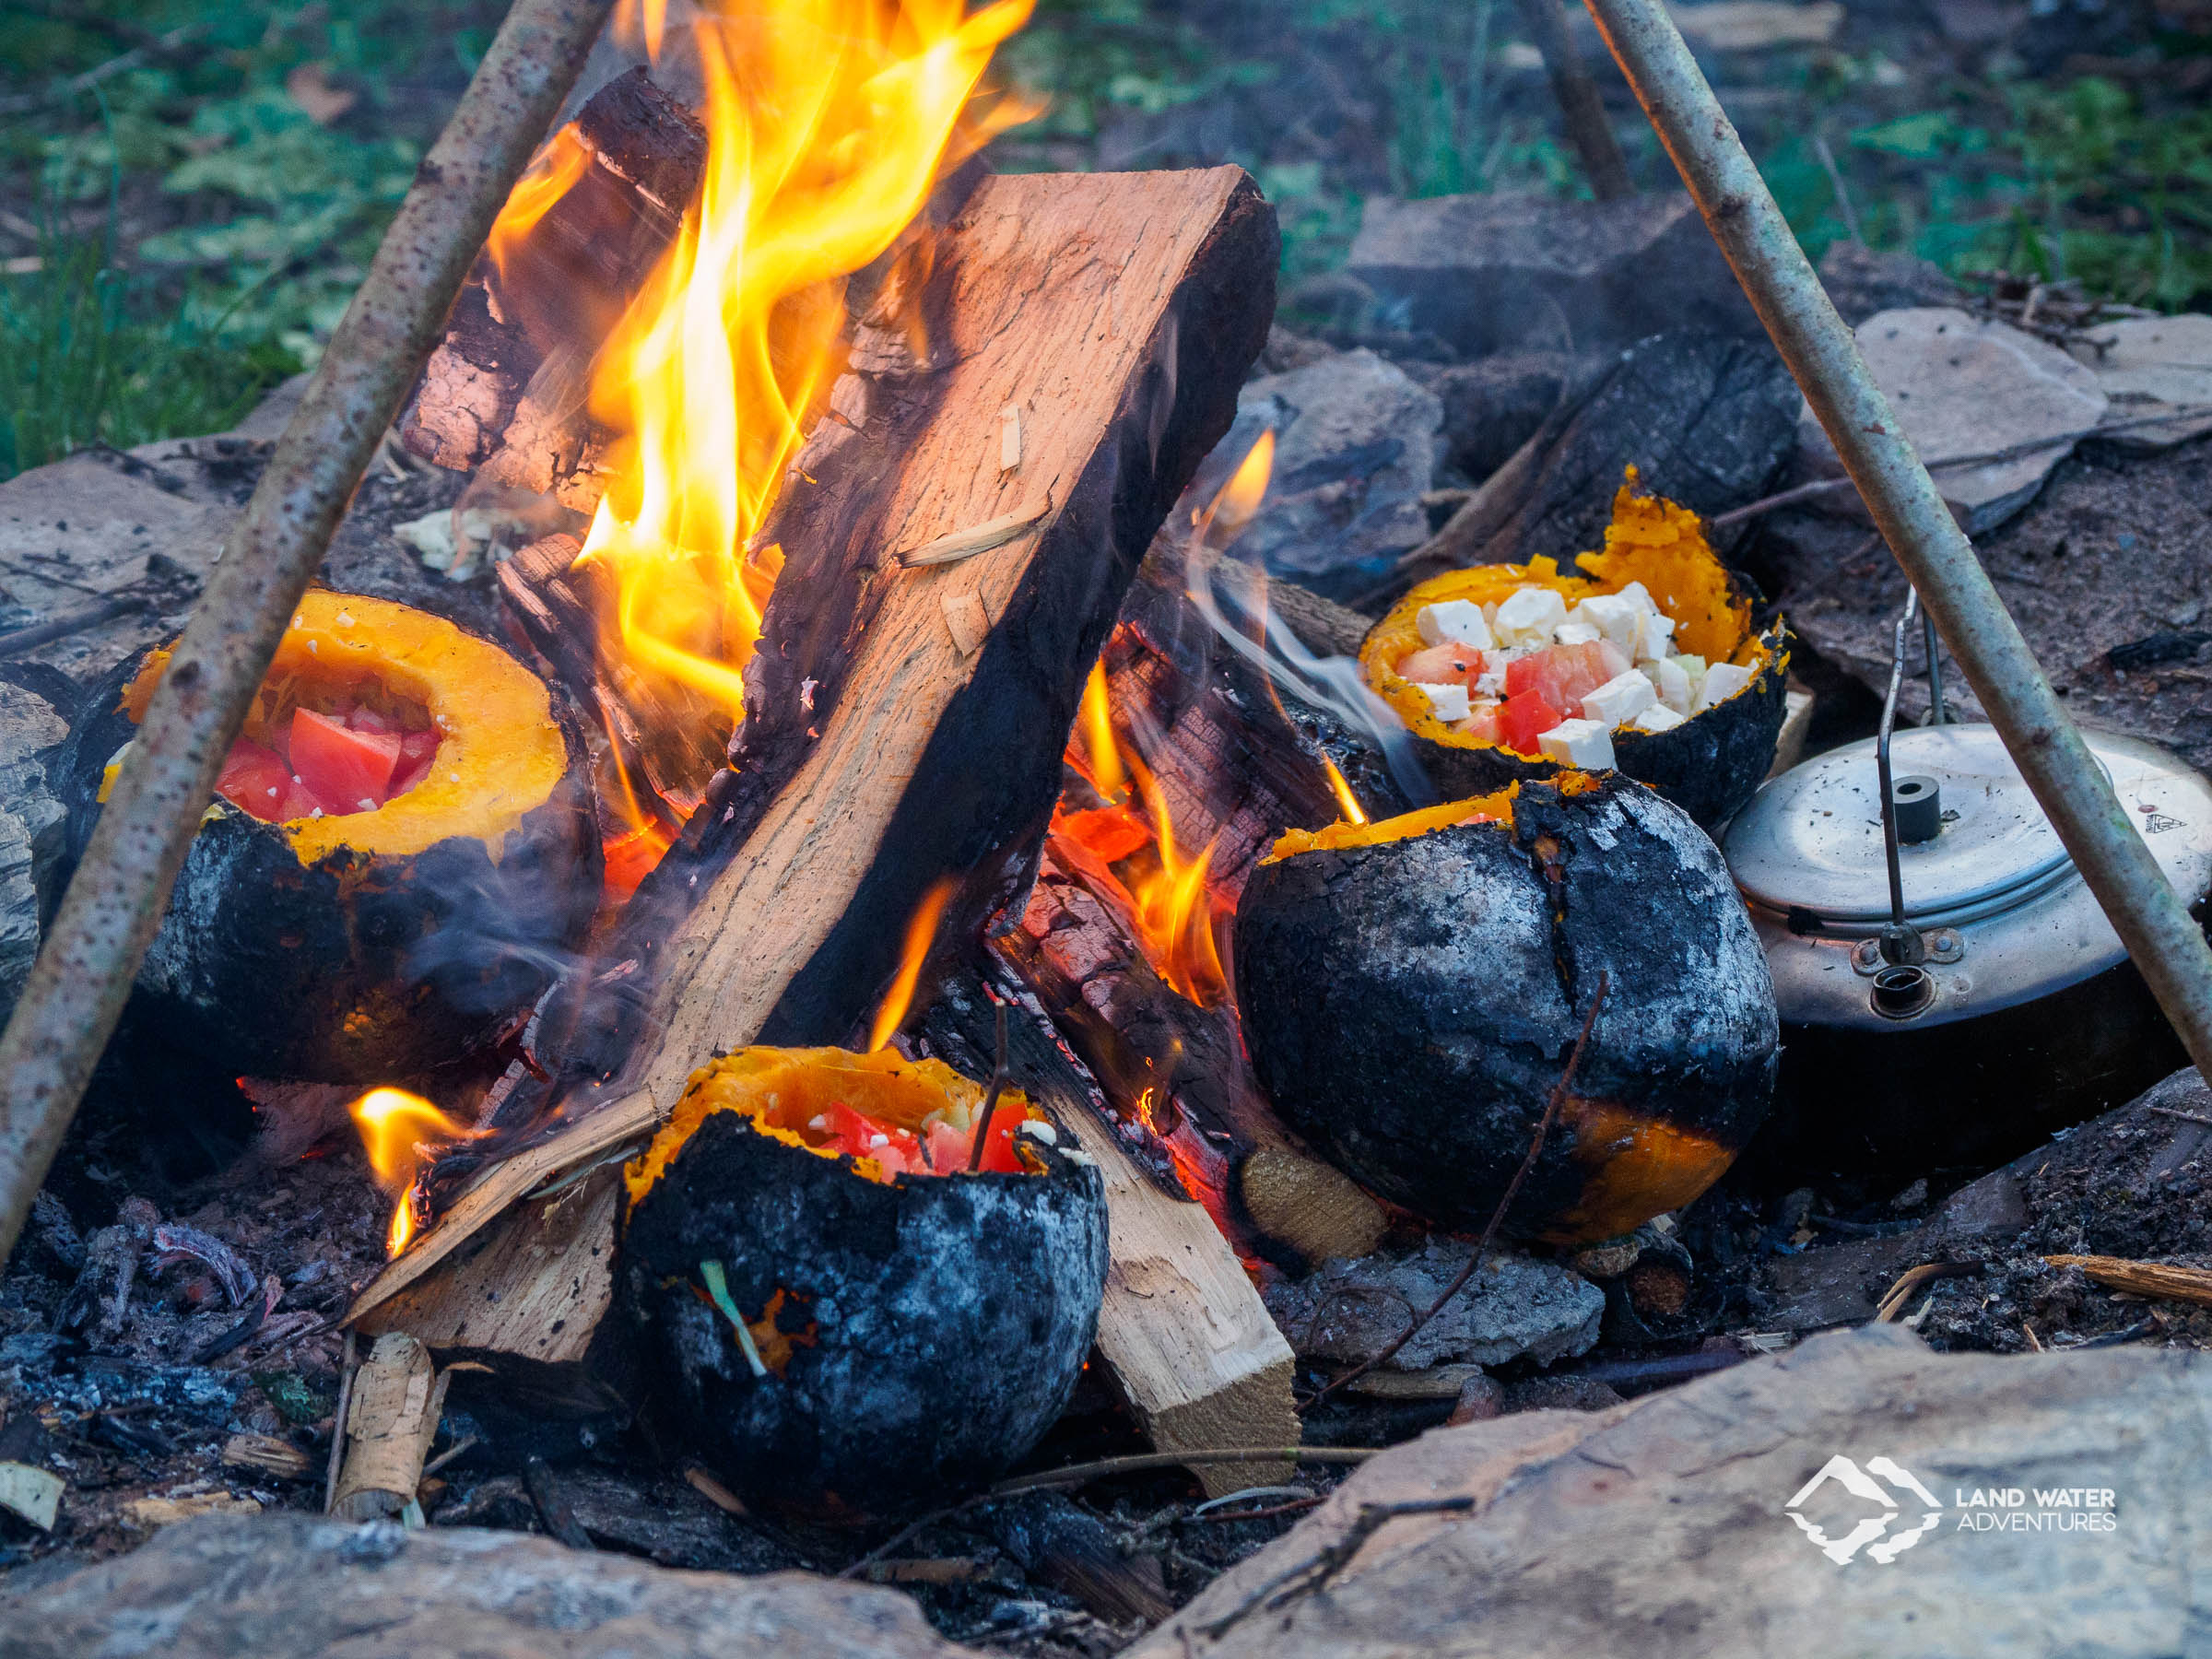 Kürbisse garen im Lagerfeuer beim Teamtreffen © Land Water Adventures